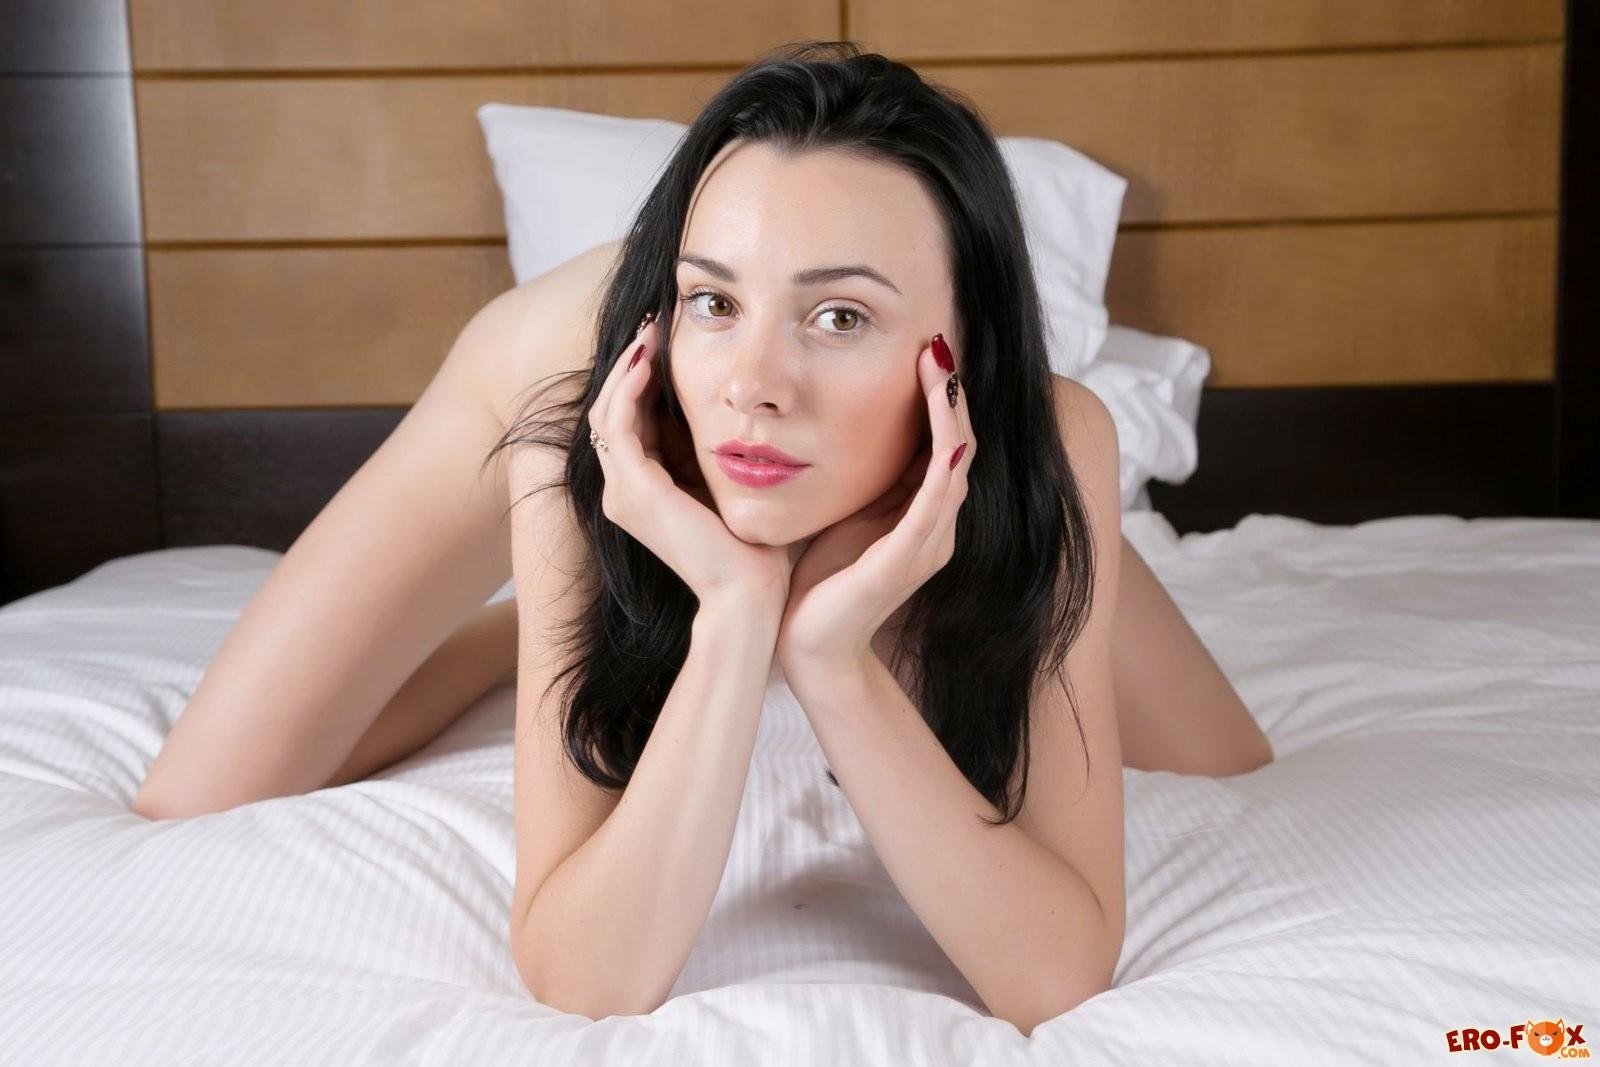 Гола брюнетка в постели с красной помадой